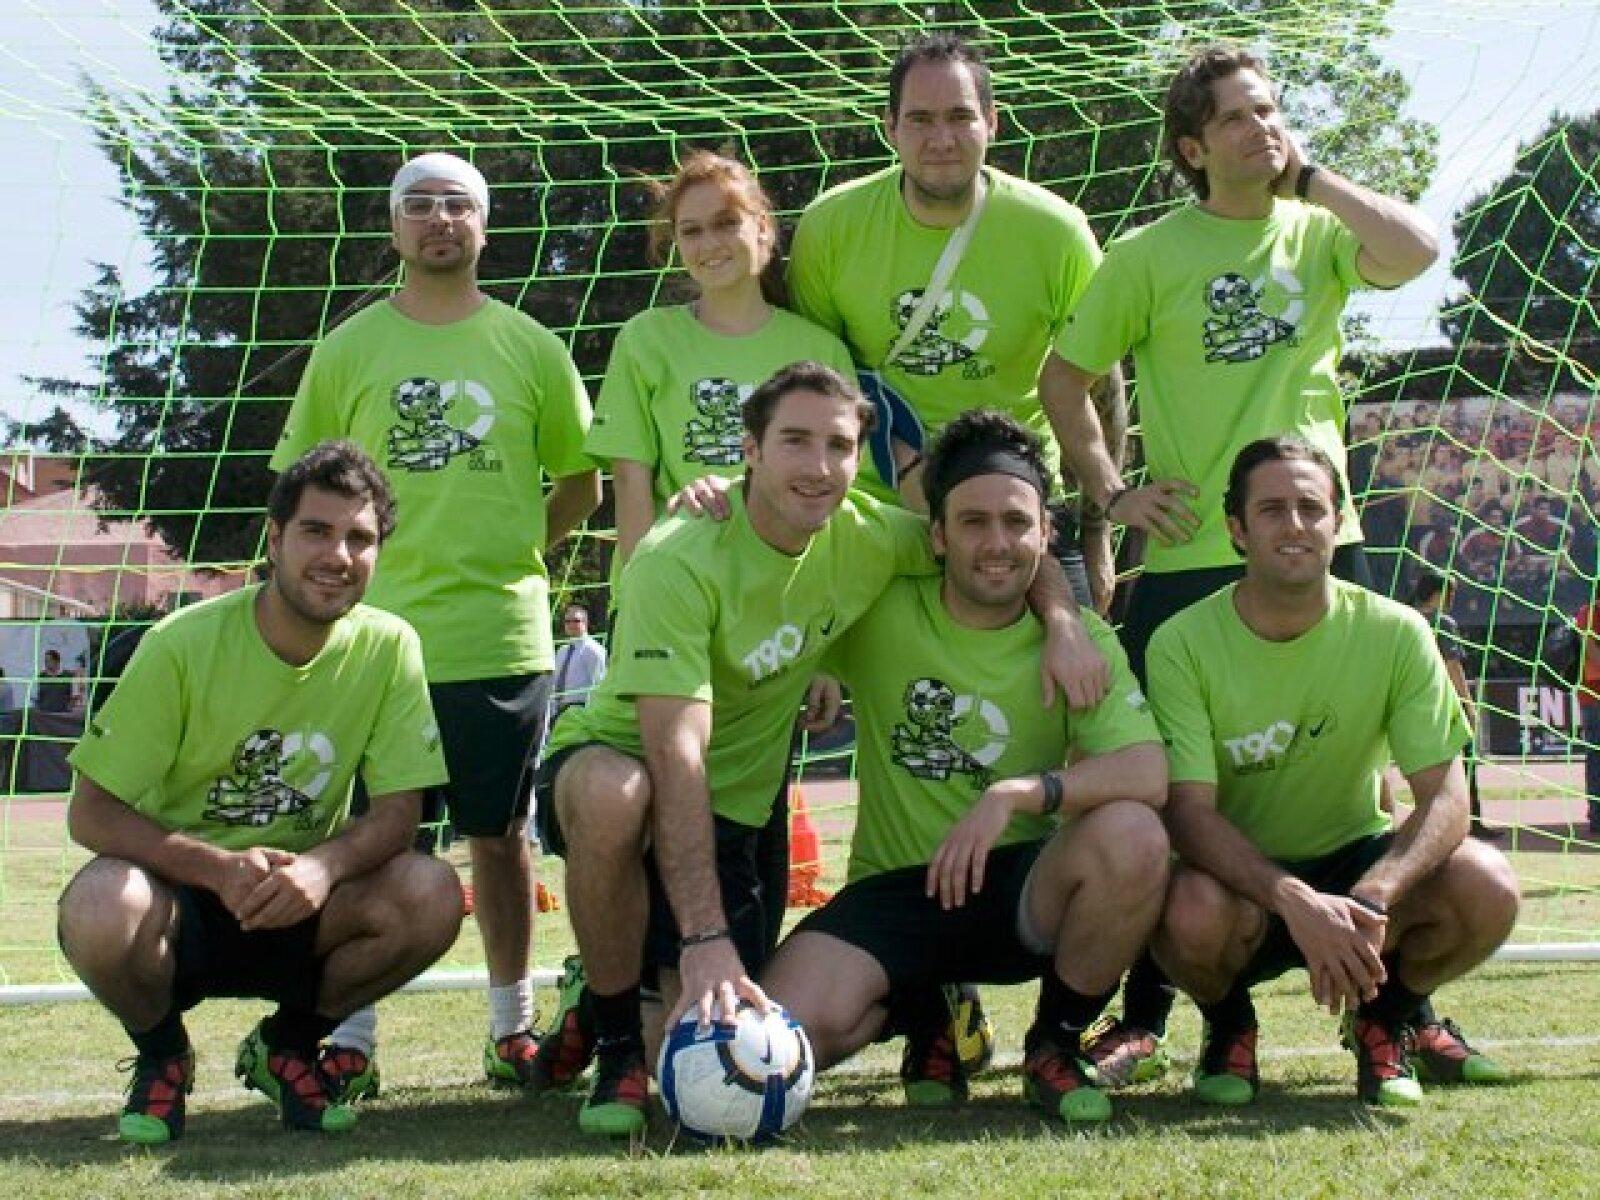 La foto del equipo.